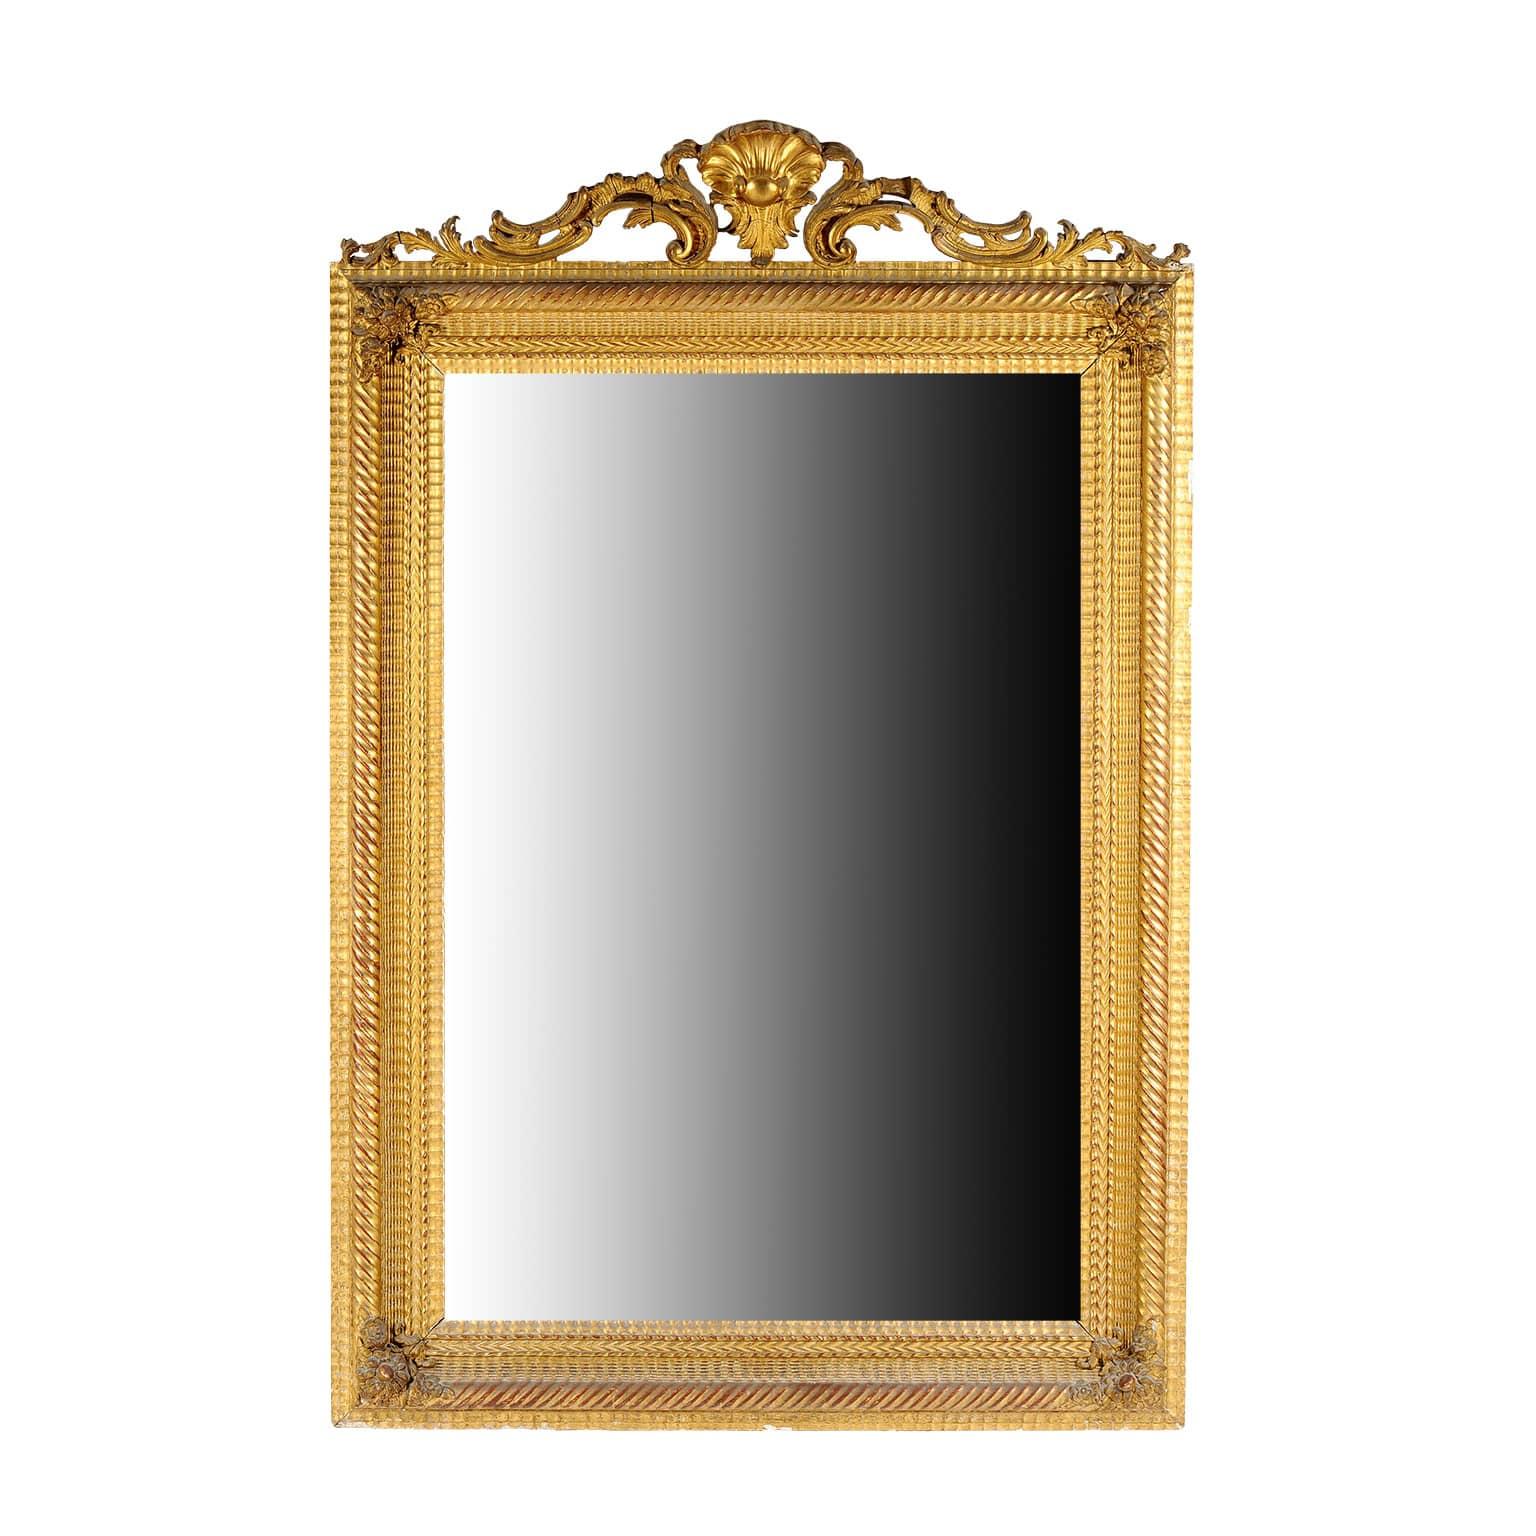 Grande specchiera dorata francese del 1800 ideale per la sala for Specchio antico piccolo